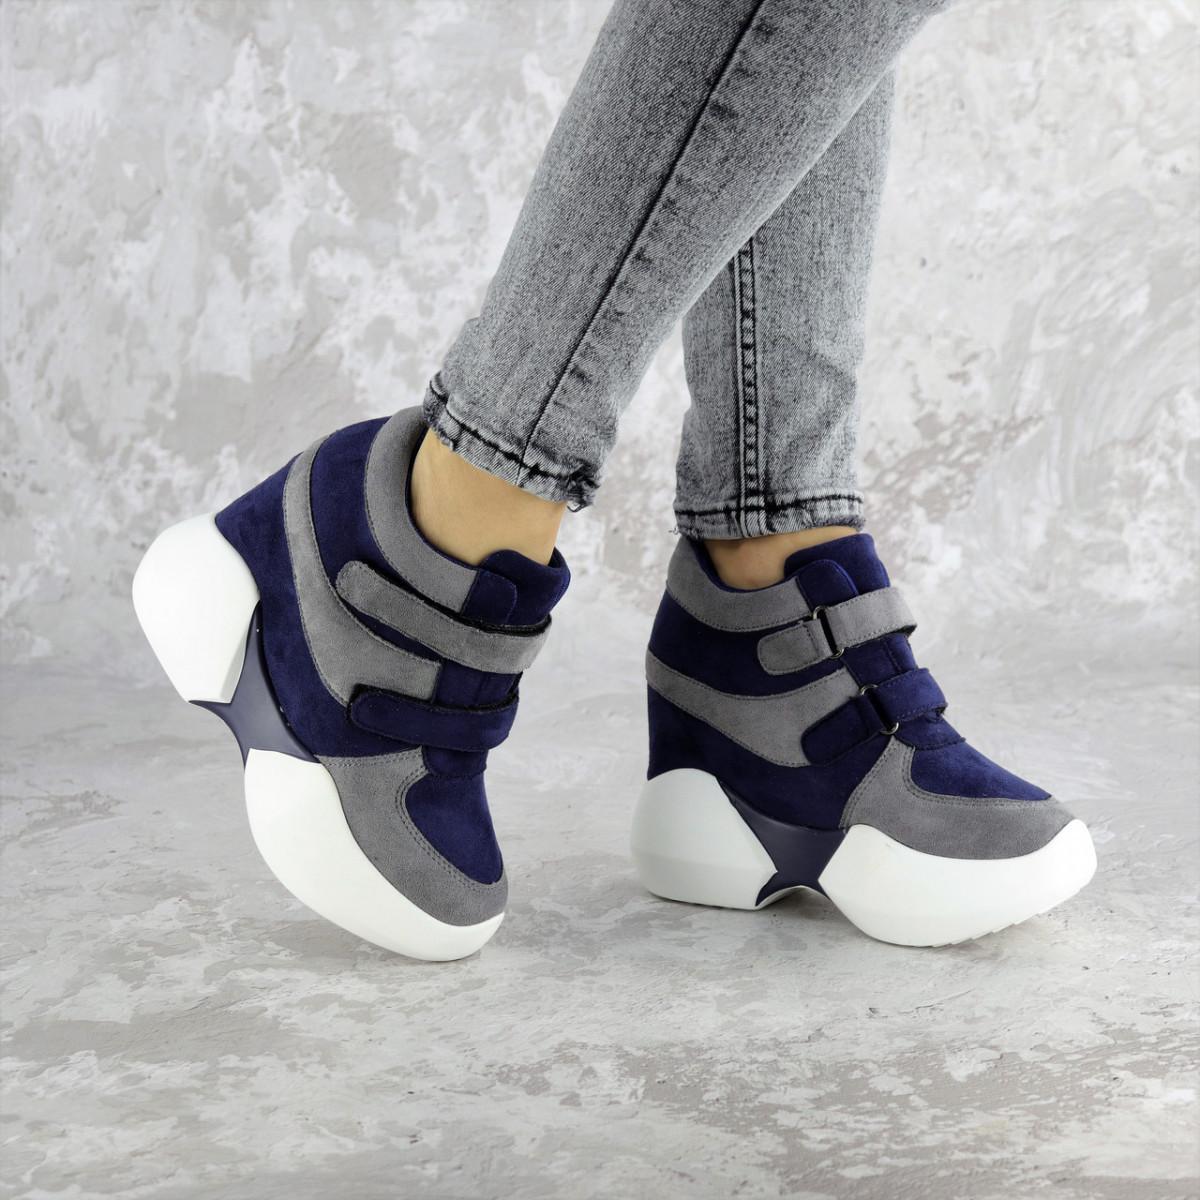 Женские кроссовки на танкетке синие Shadow 2331 (36 размер)